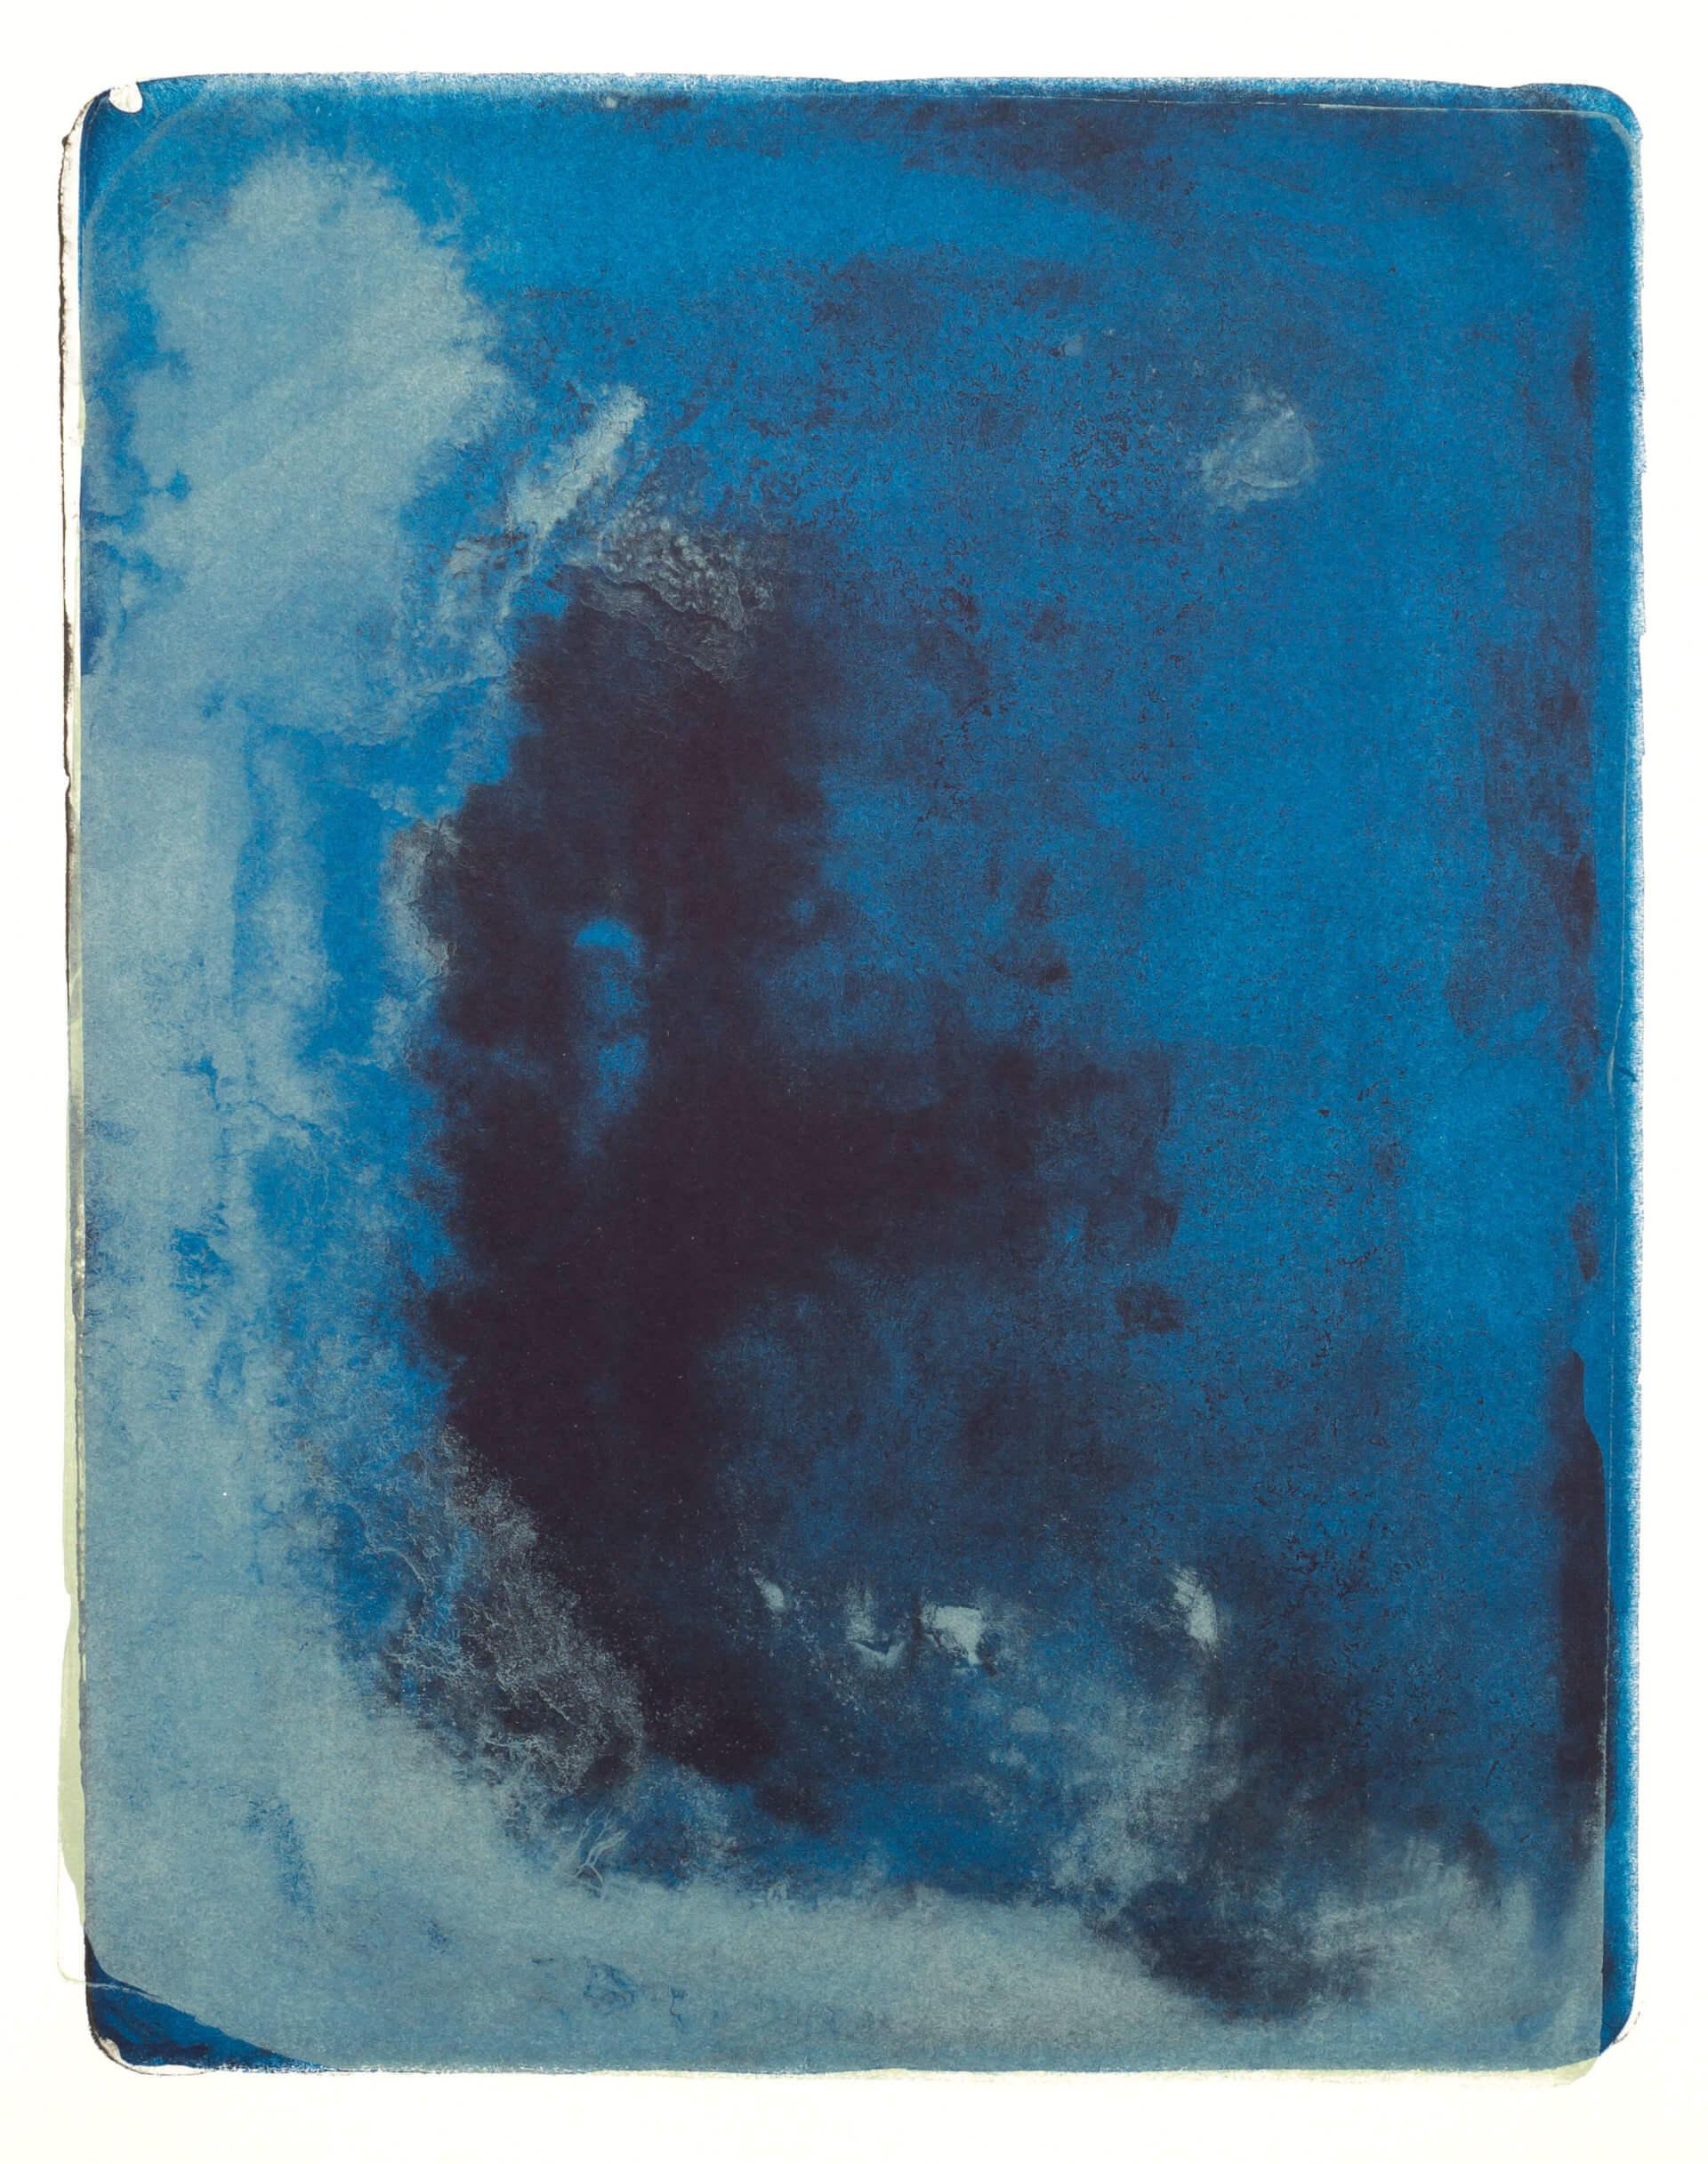 Wald X(K)-VI, 2018, Farblithographie, Unikat, 50x40 cm.